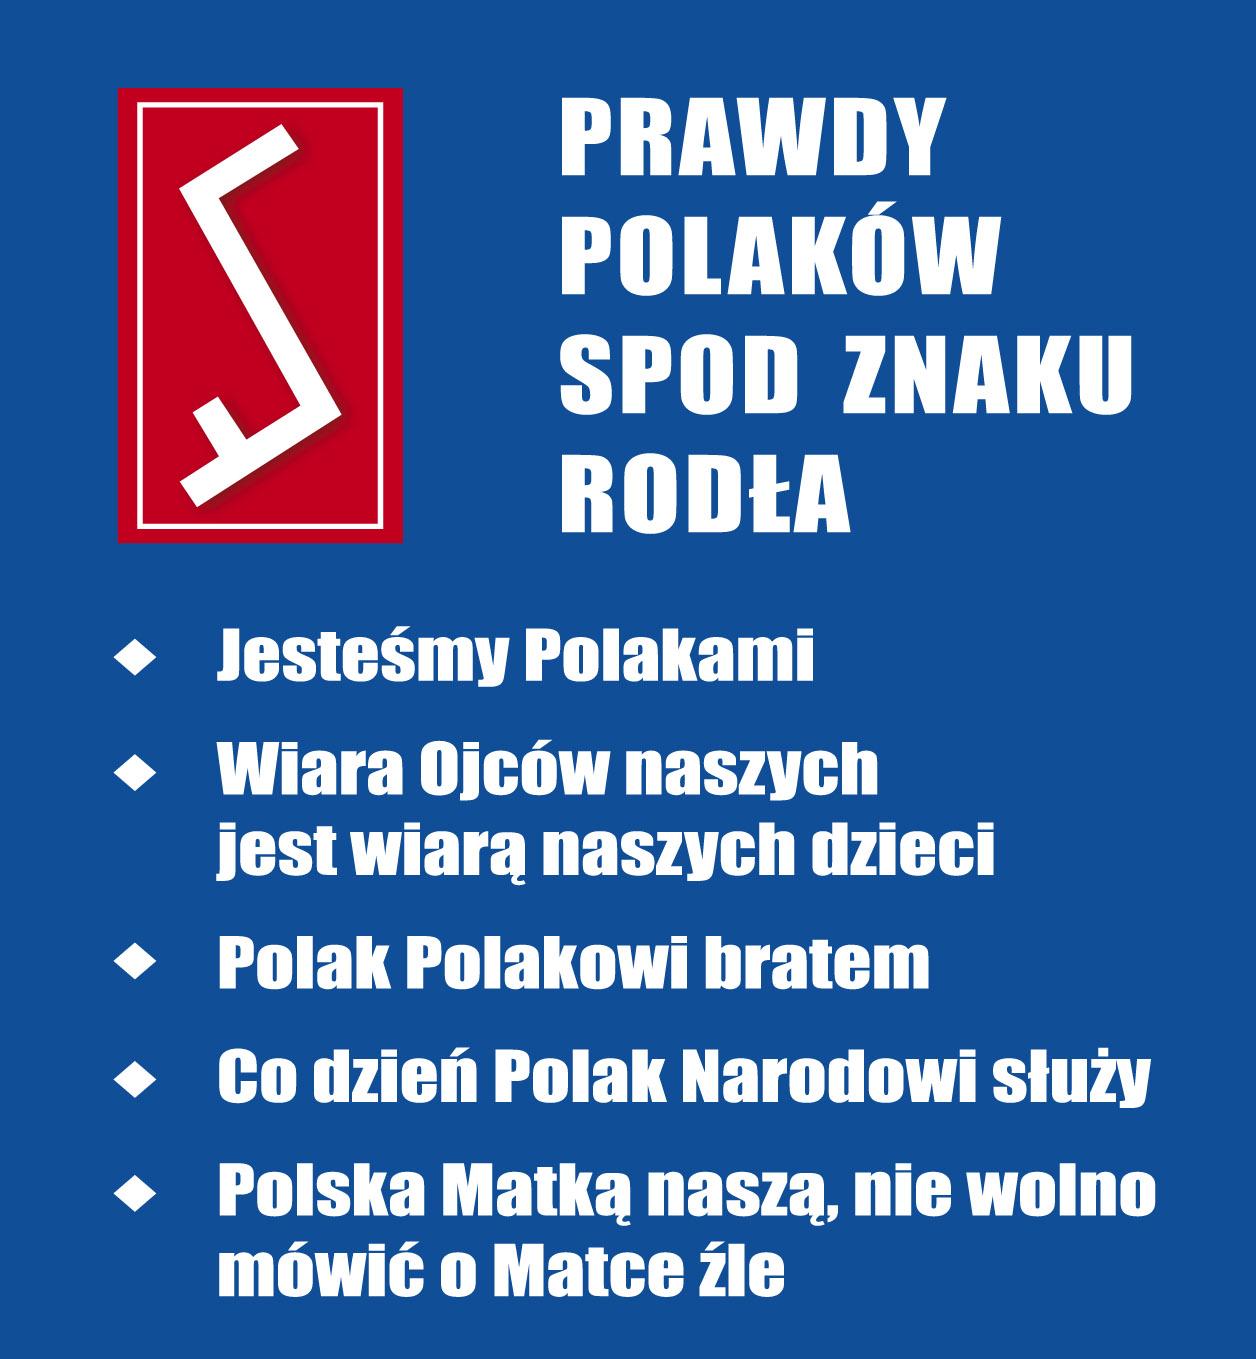 II Ogólnopolski i Polonijny Konkurs Plastyczny pt. Prawdy Polaków spod Znaku Rodła – katechizmem narodowym Polaków w XXI wieku